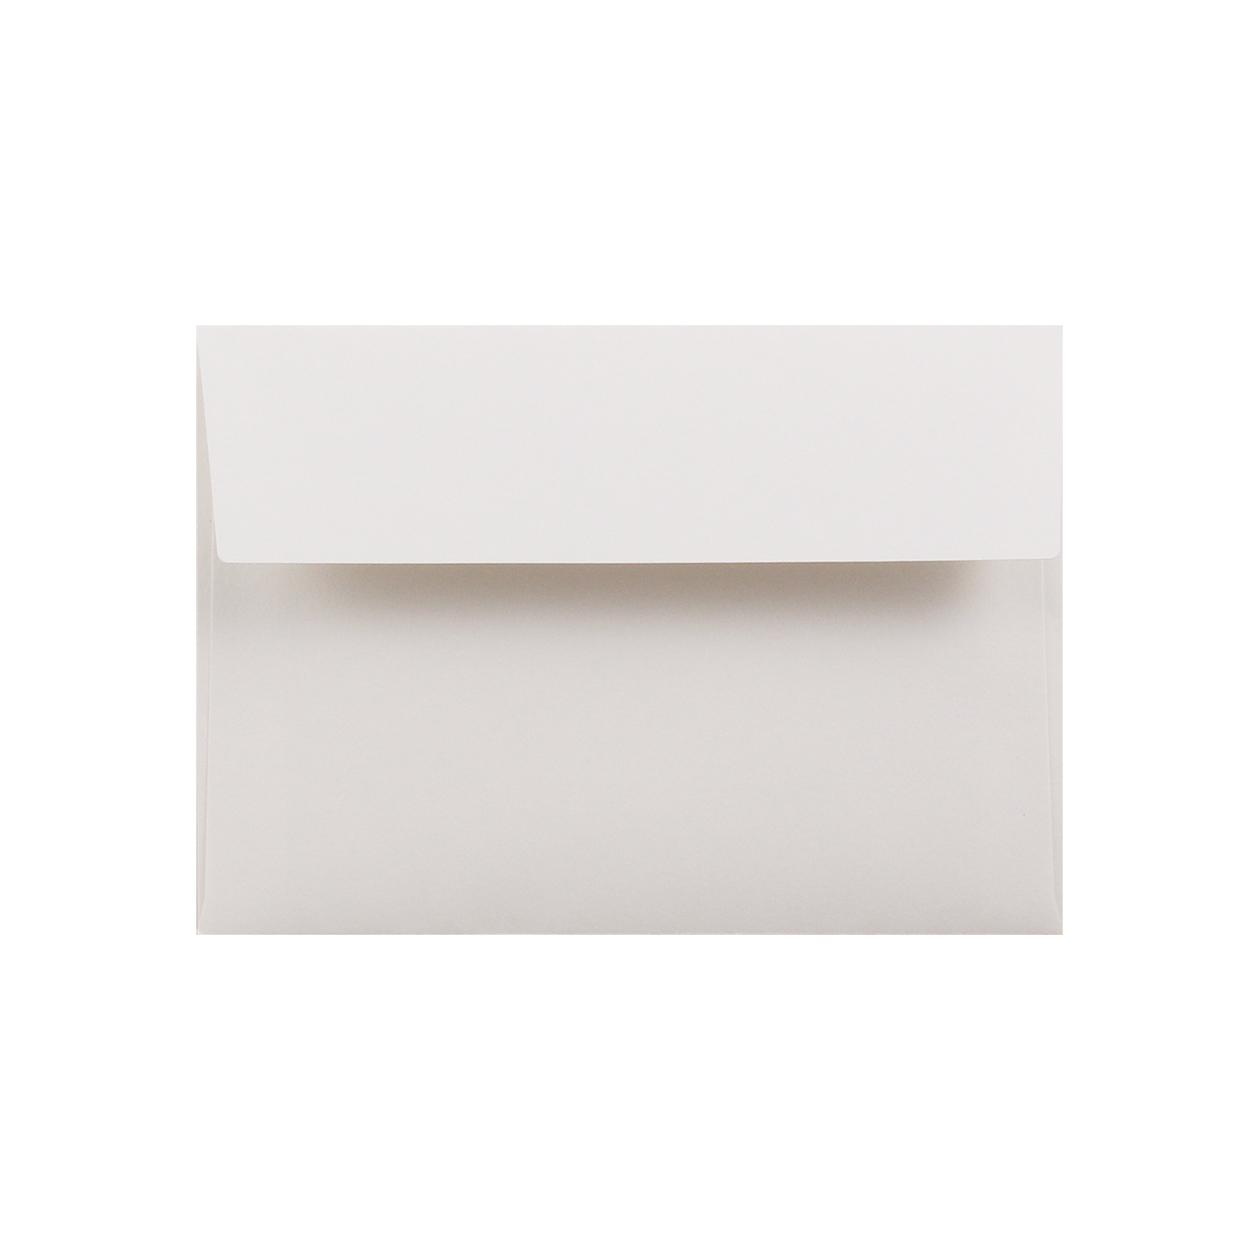 洋2カマス封筒 HAGURUMA Basic プレインホワイト 100g